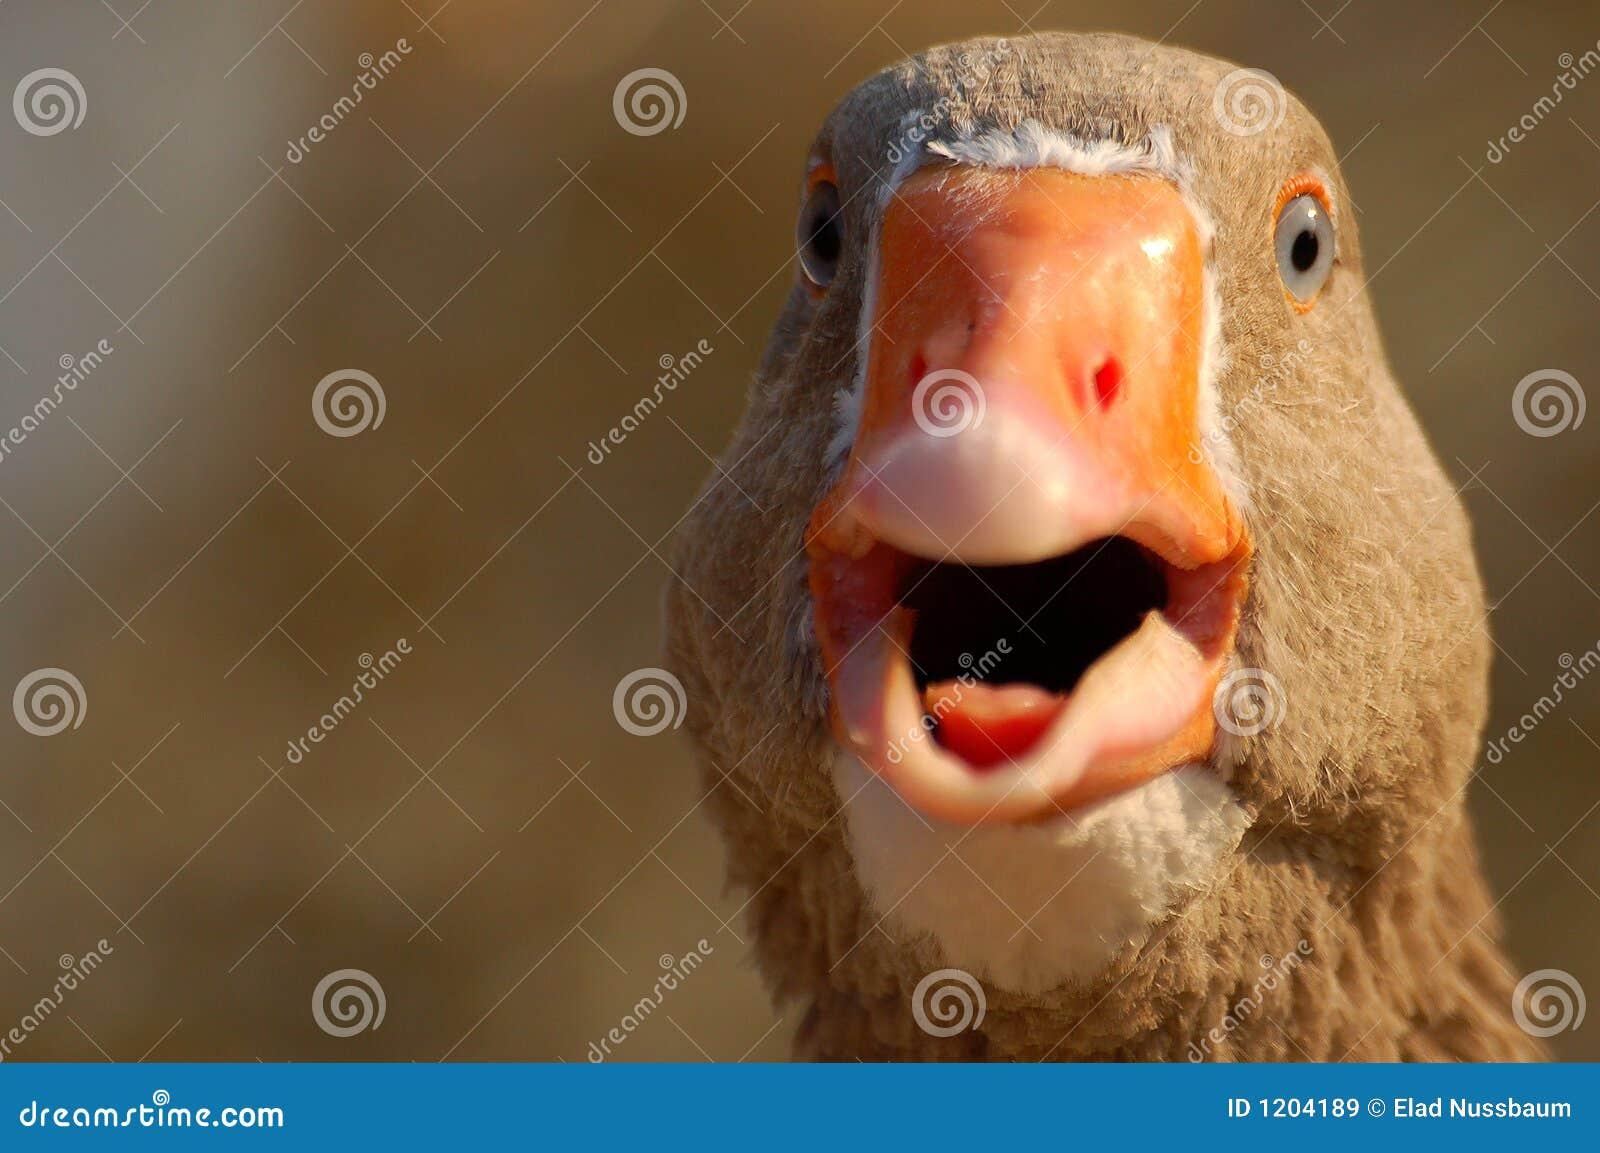 A shouting duck